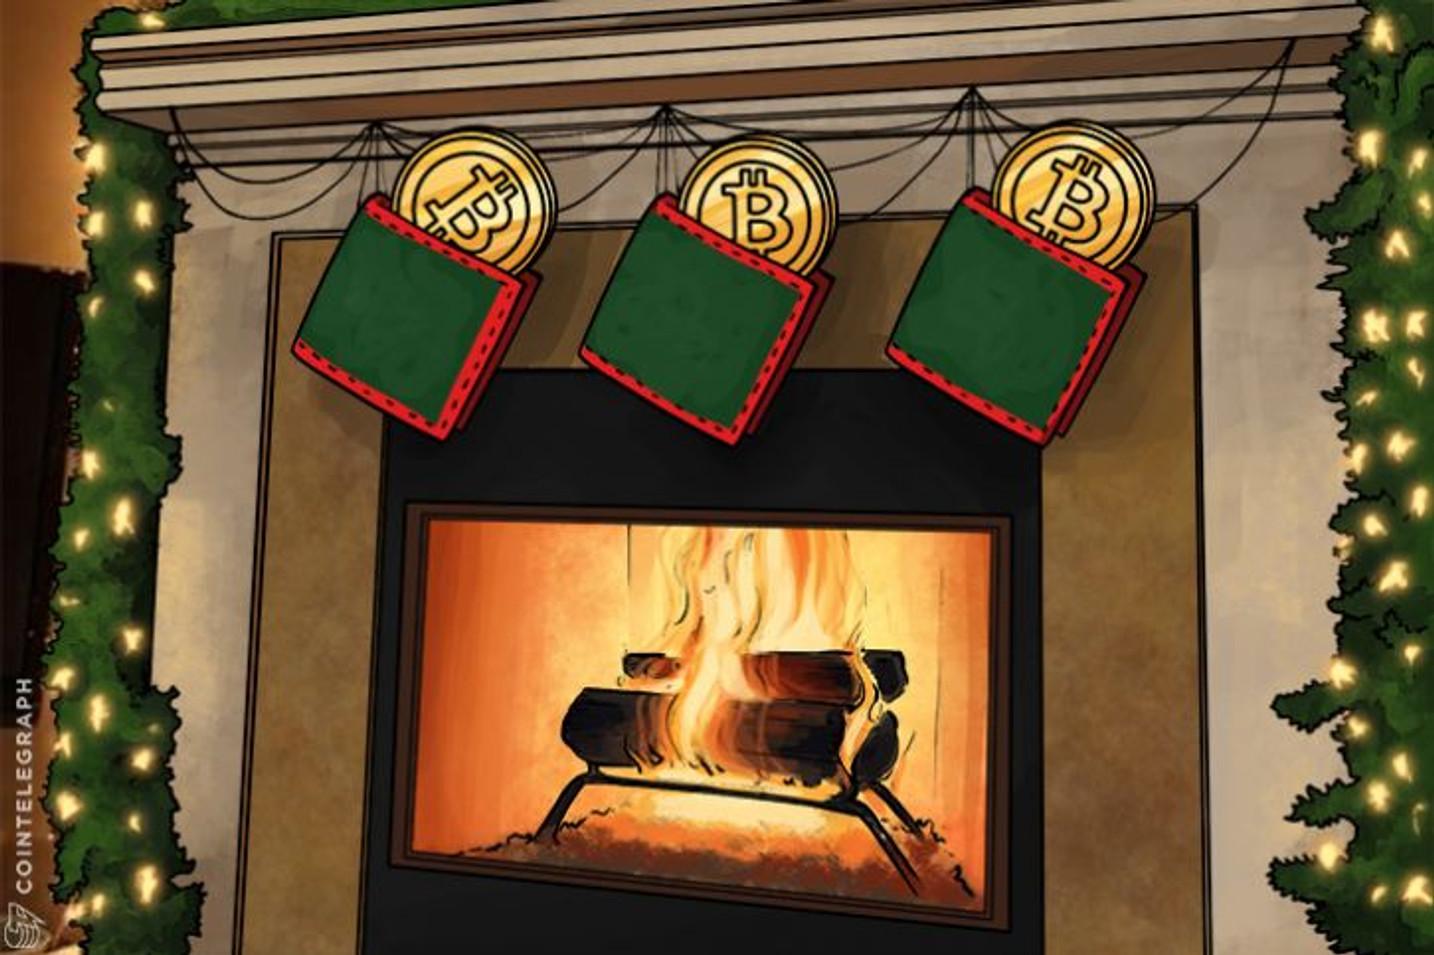 Poklon za Novu godinu? Bitkoin novčanik za bolju 2017.